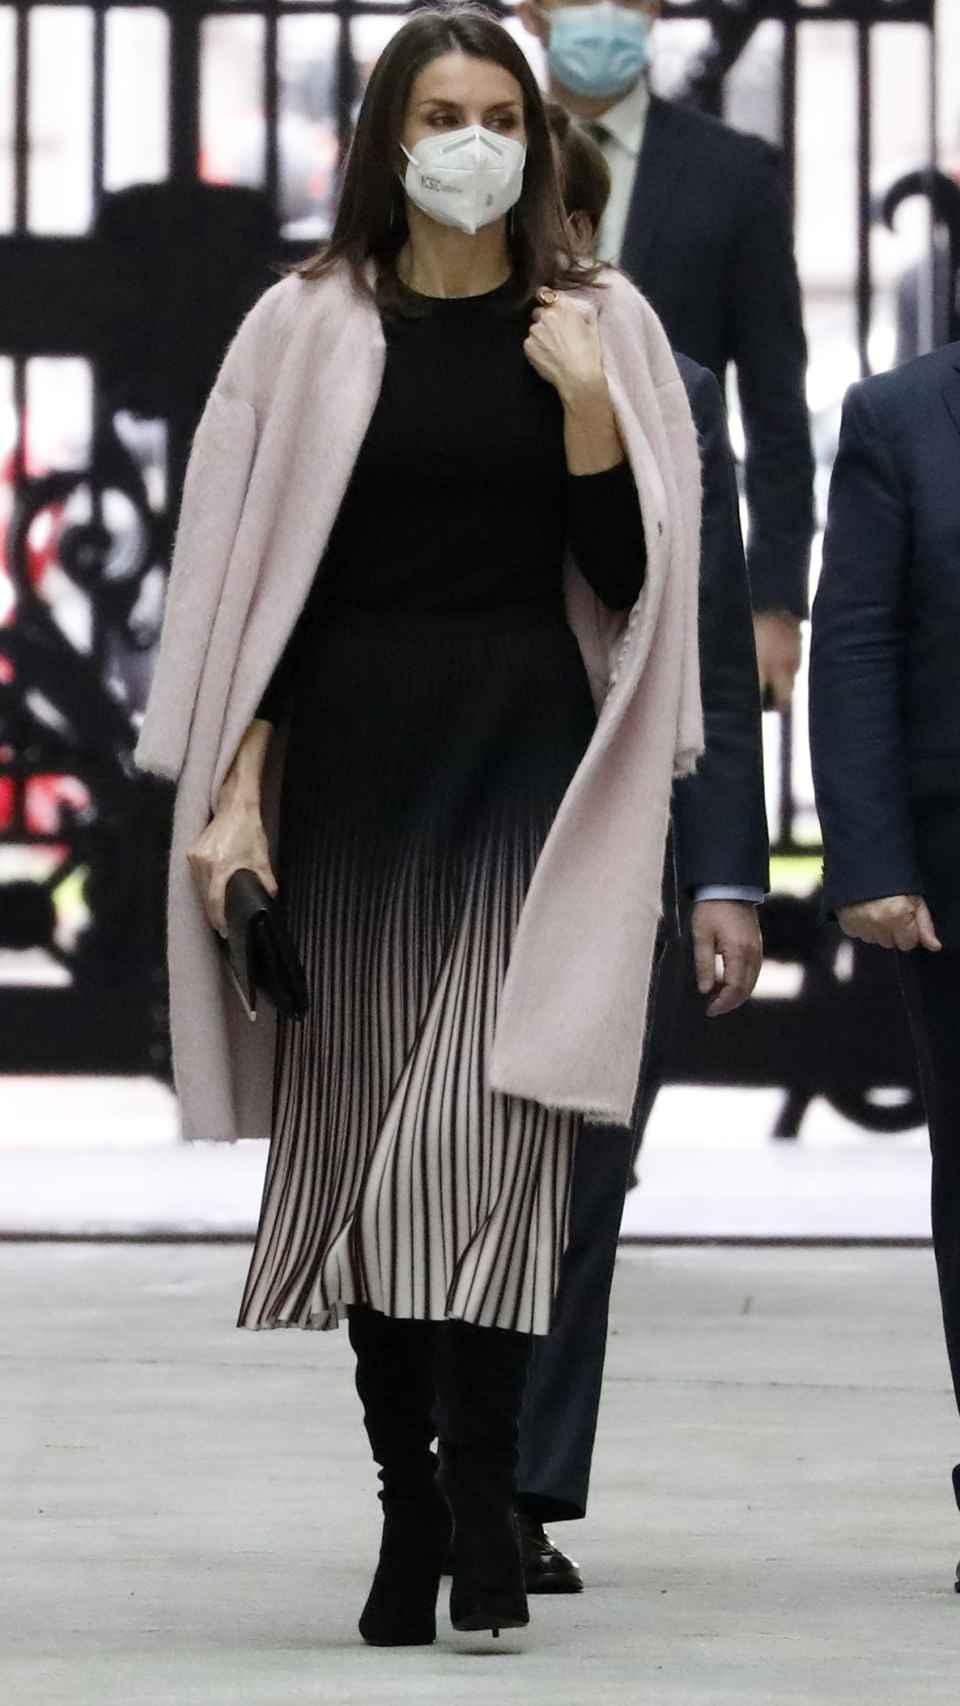 El abrigo de Carolina Herrera de Letizia.